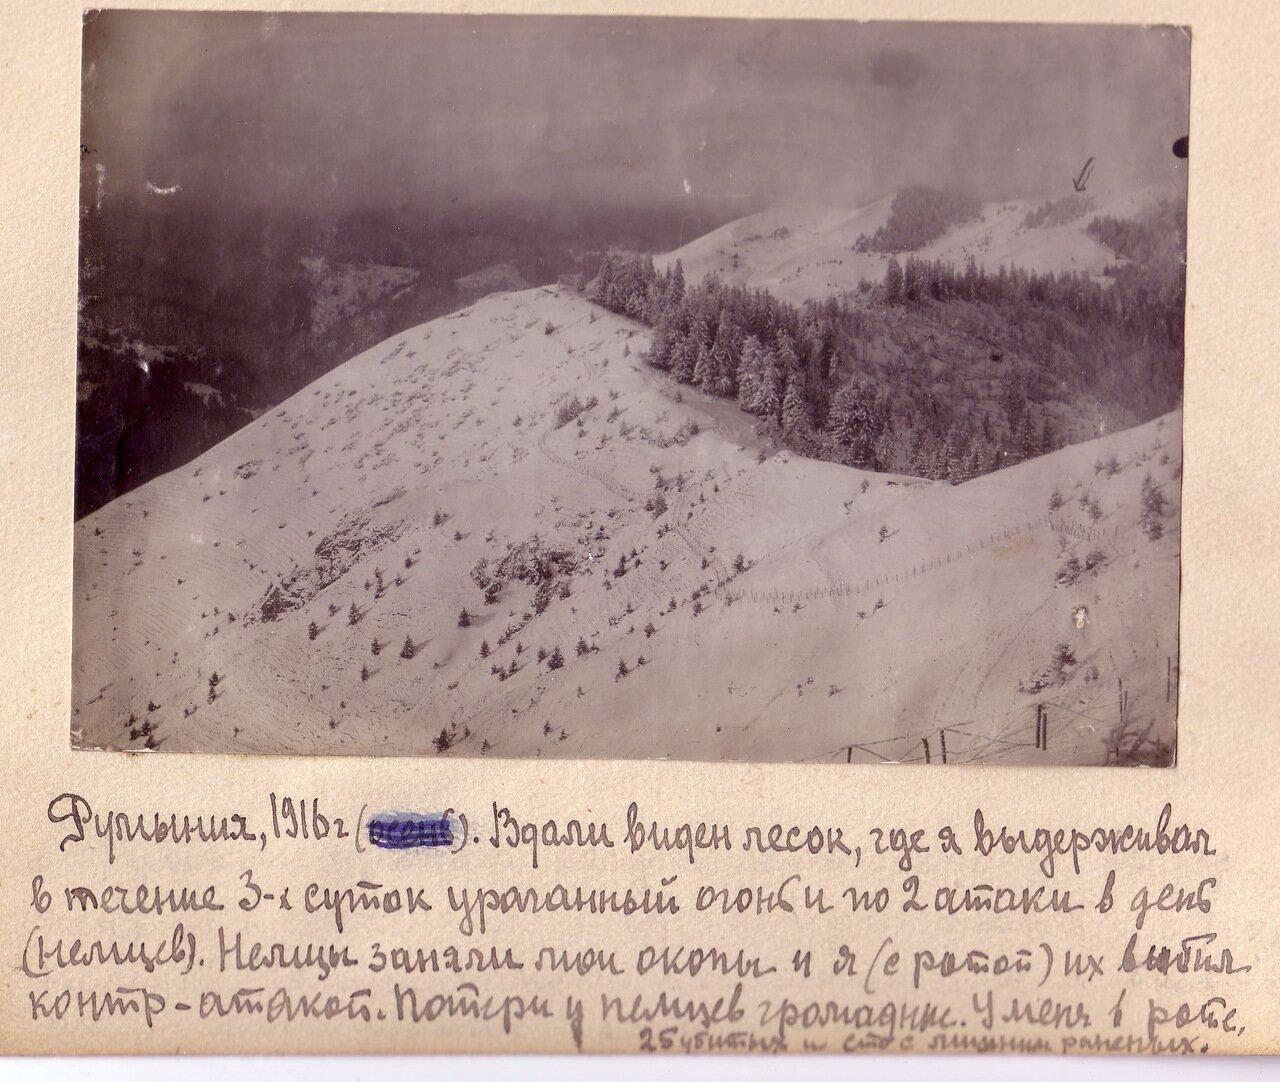 Румыния, 1916.